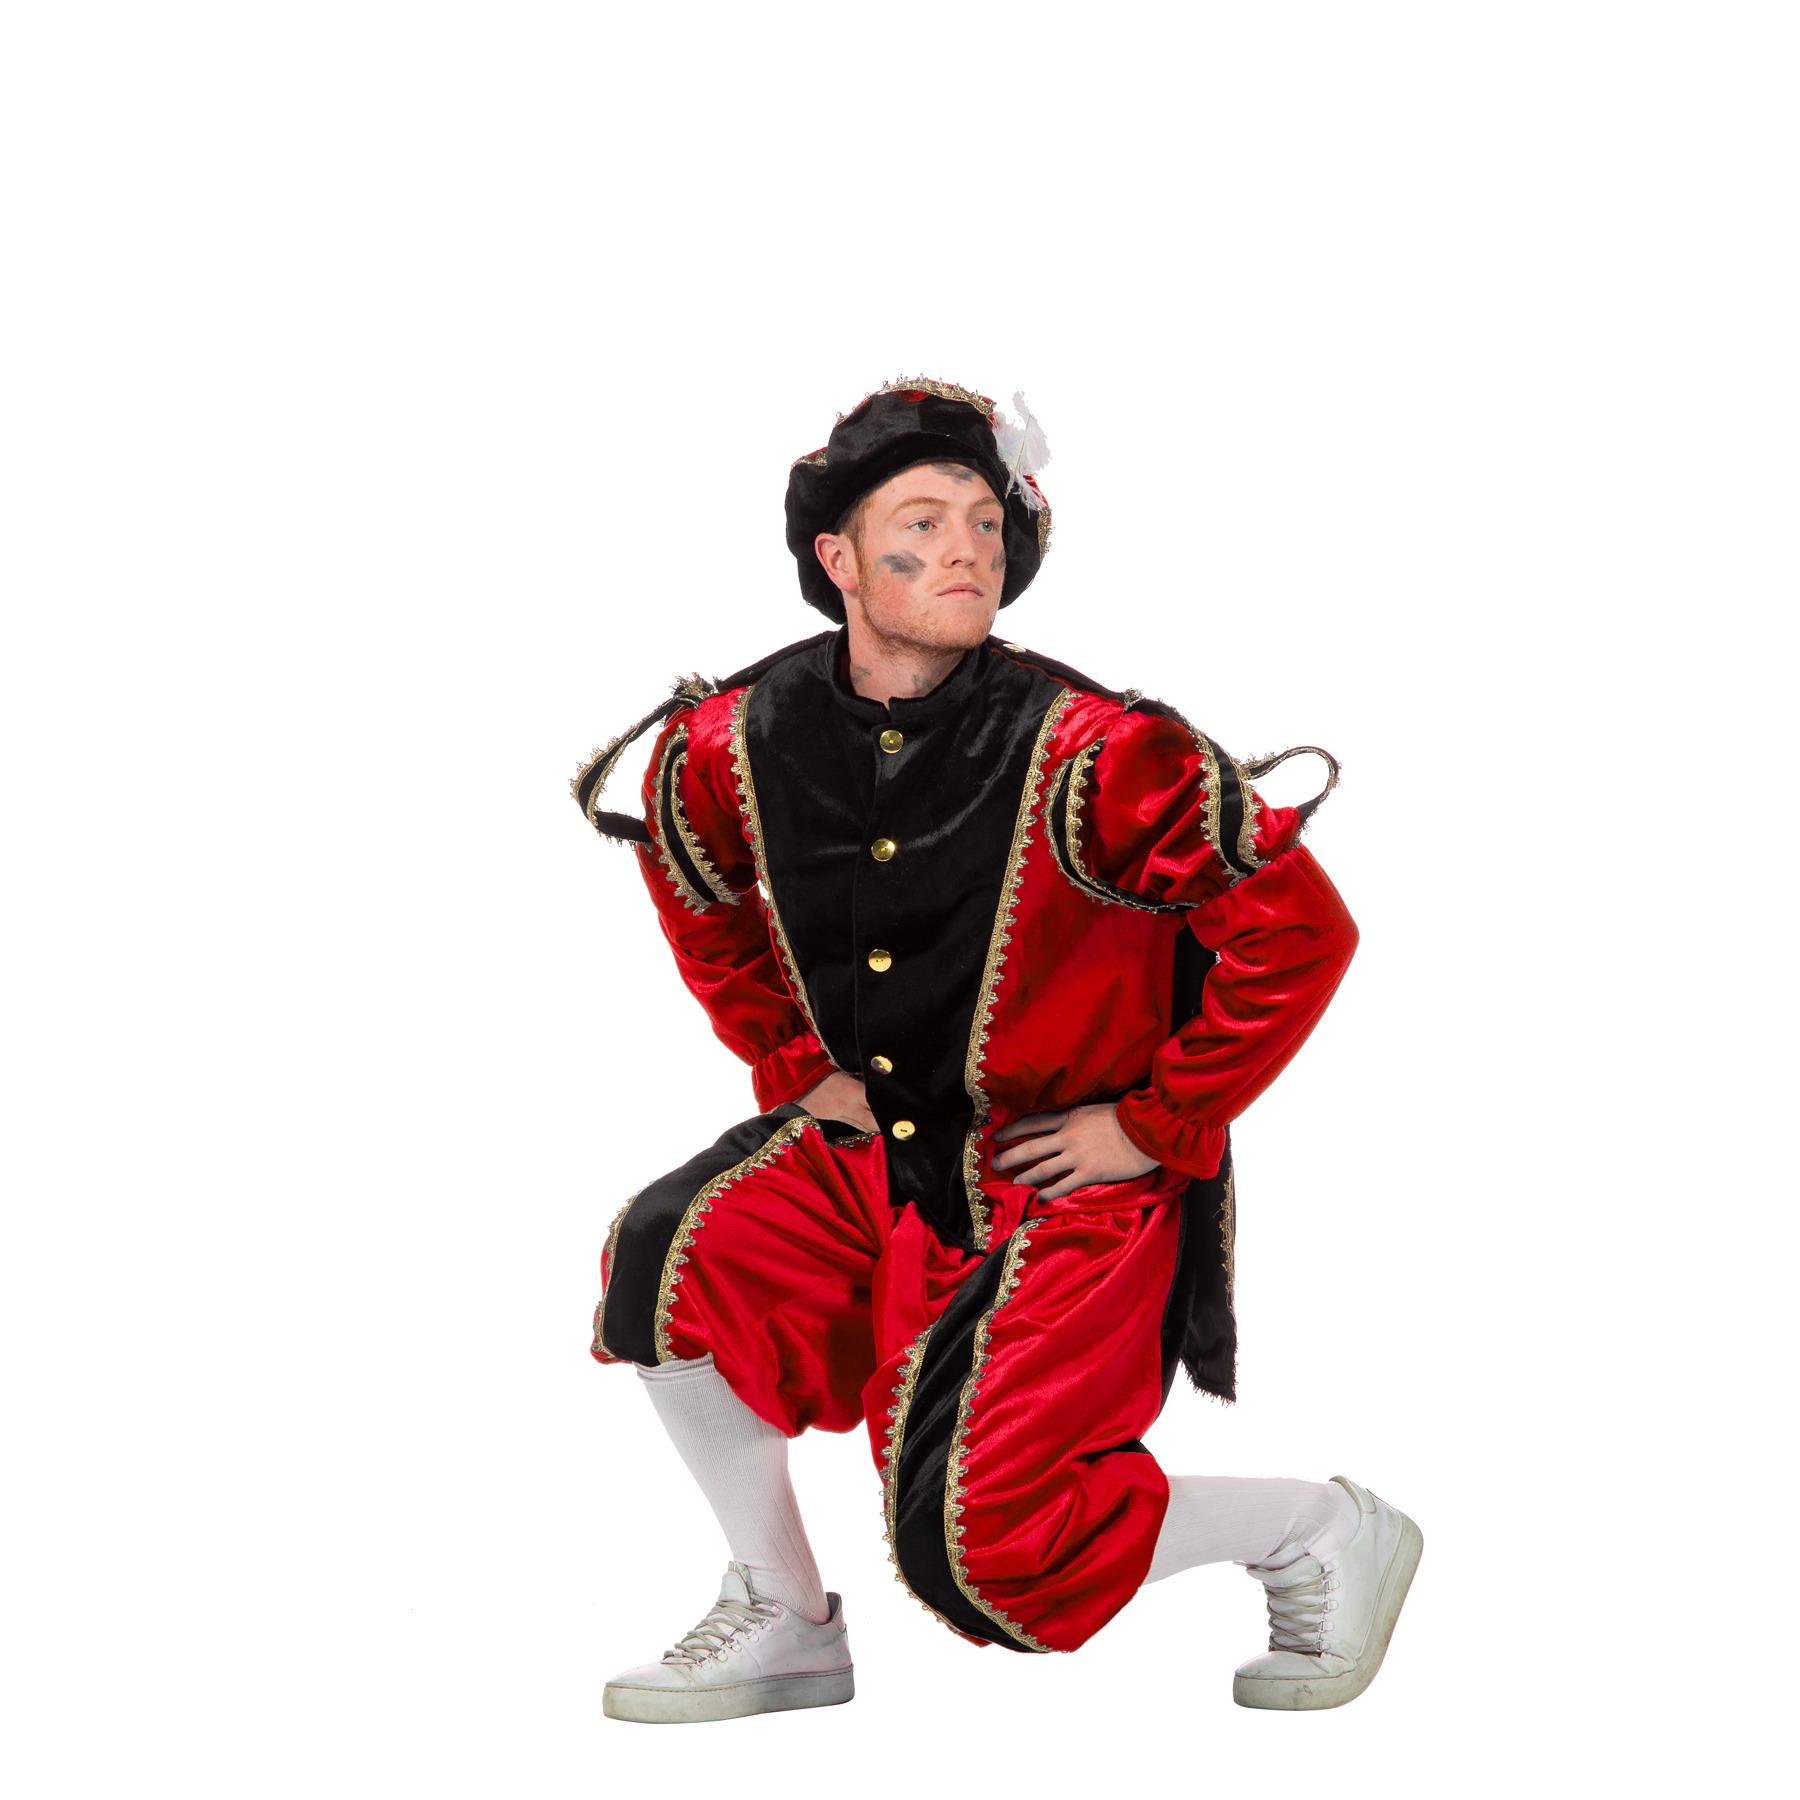 Zwarte Pieten kostuum rood+zwart FopartikelenWinkel